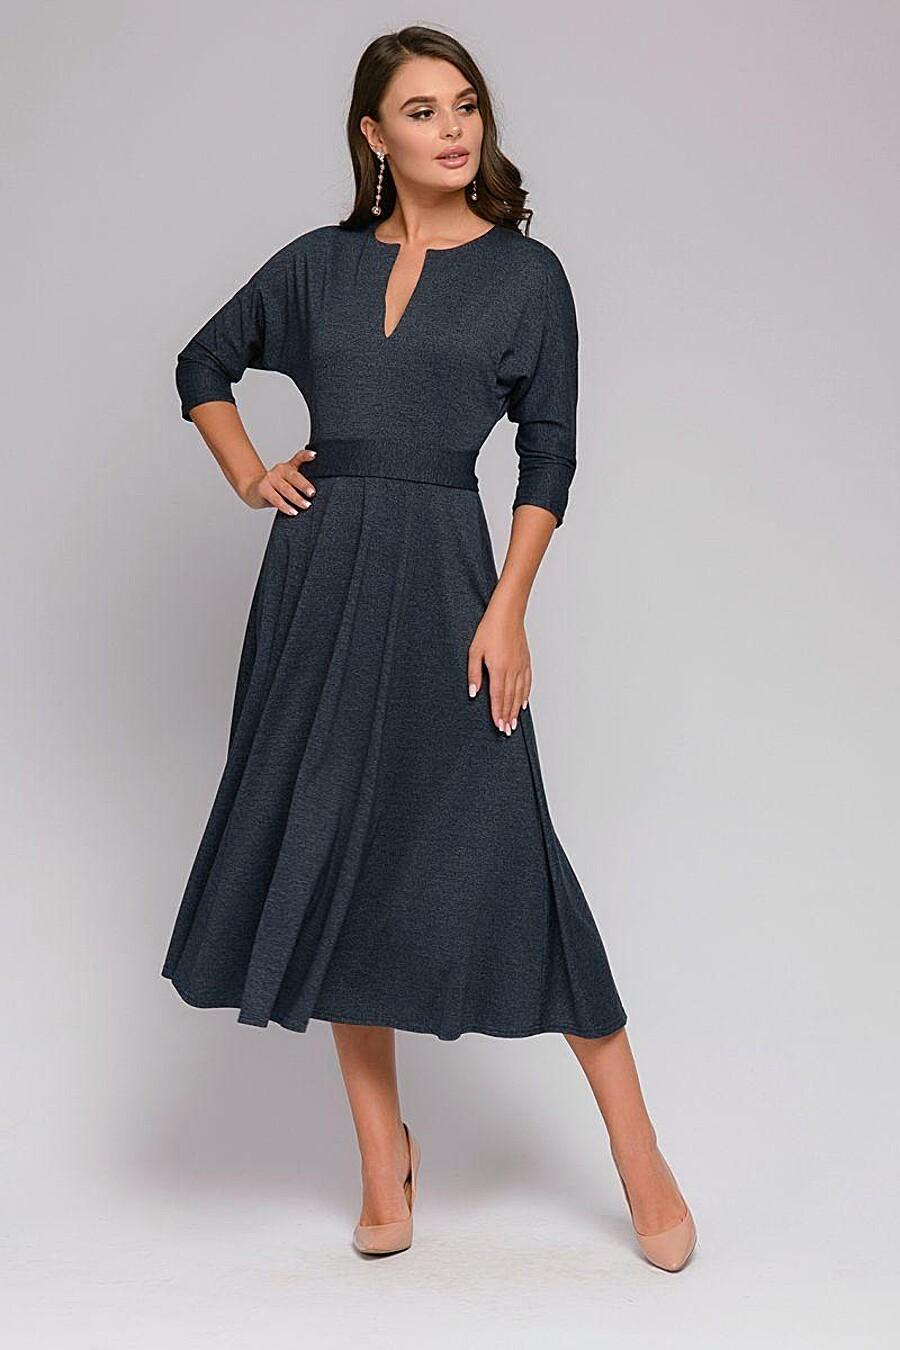 Платье для женщин 1001 DRESS 147638 купить оптом от производителя. Совместная покупка женской одежды в OptMoyo